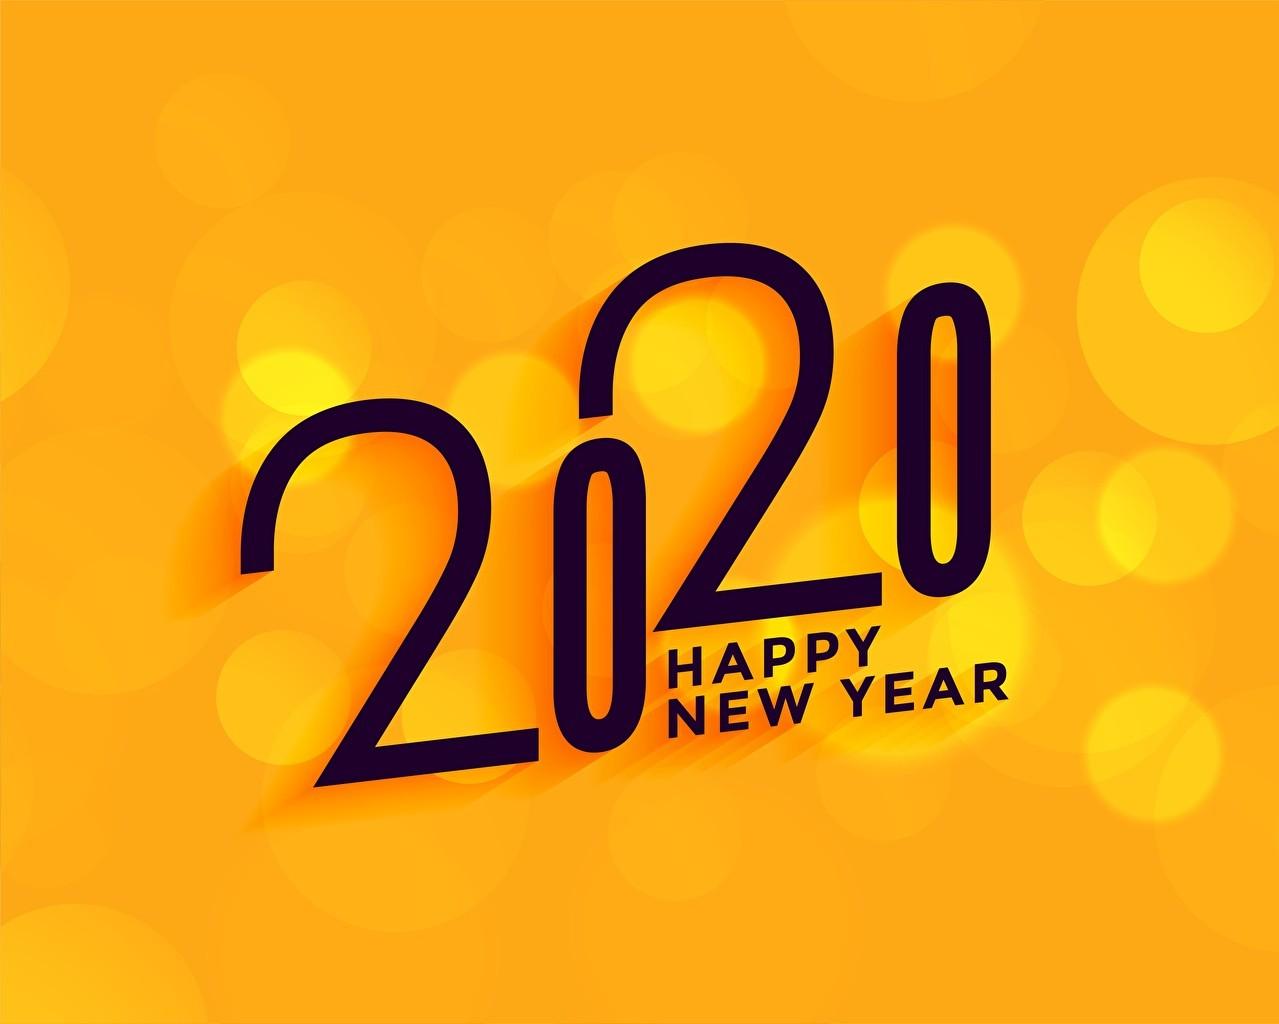 картинки с новым годом 2020